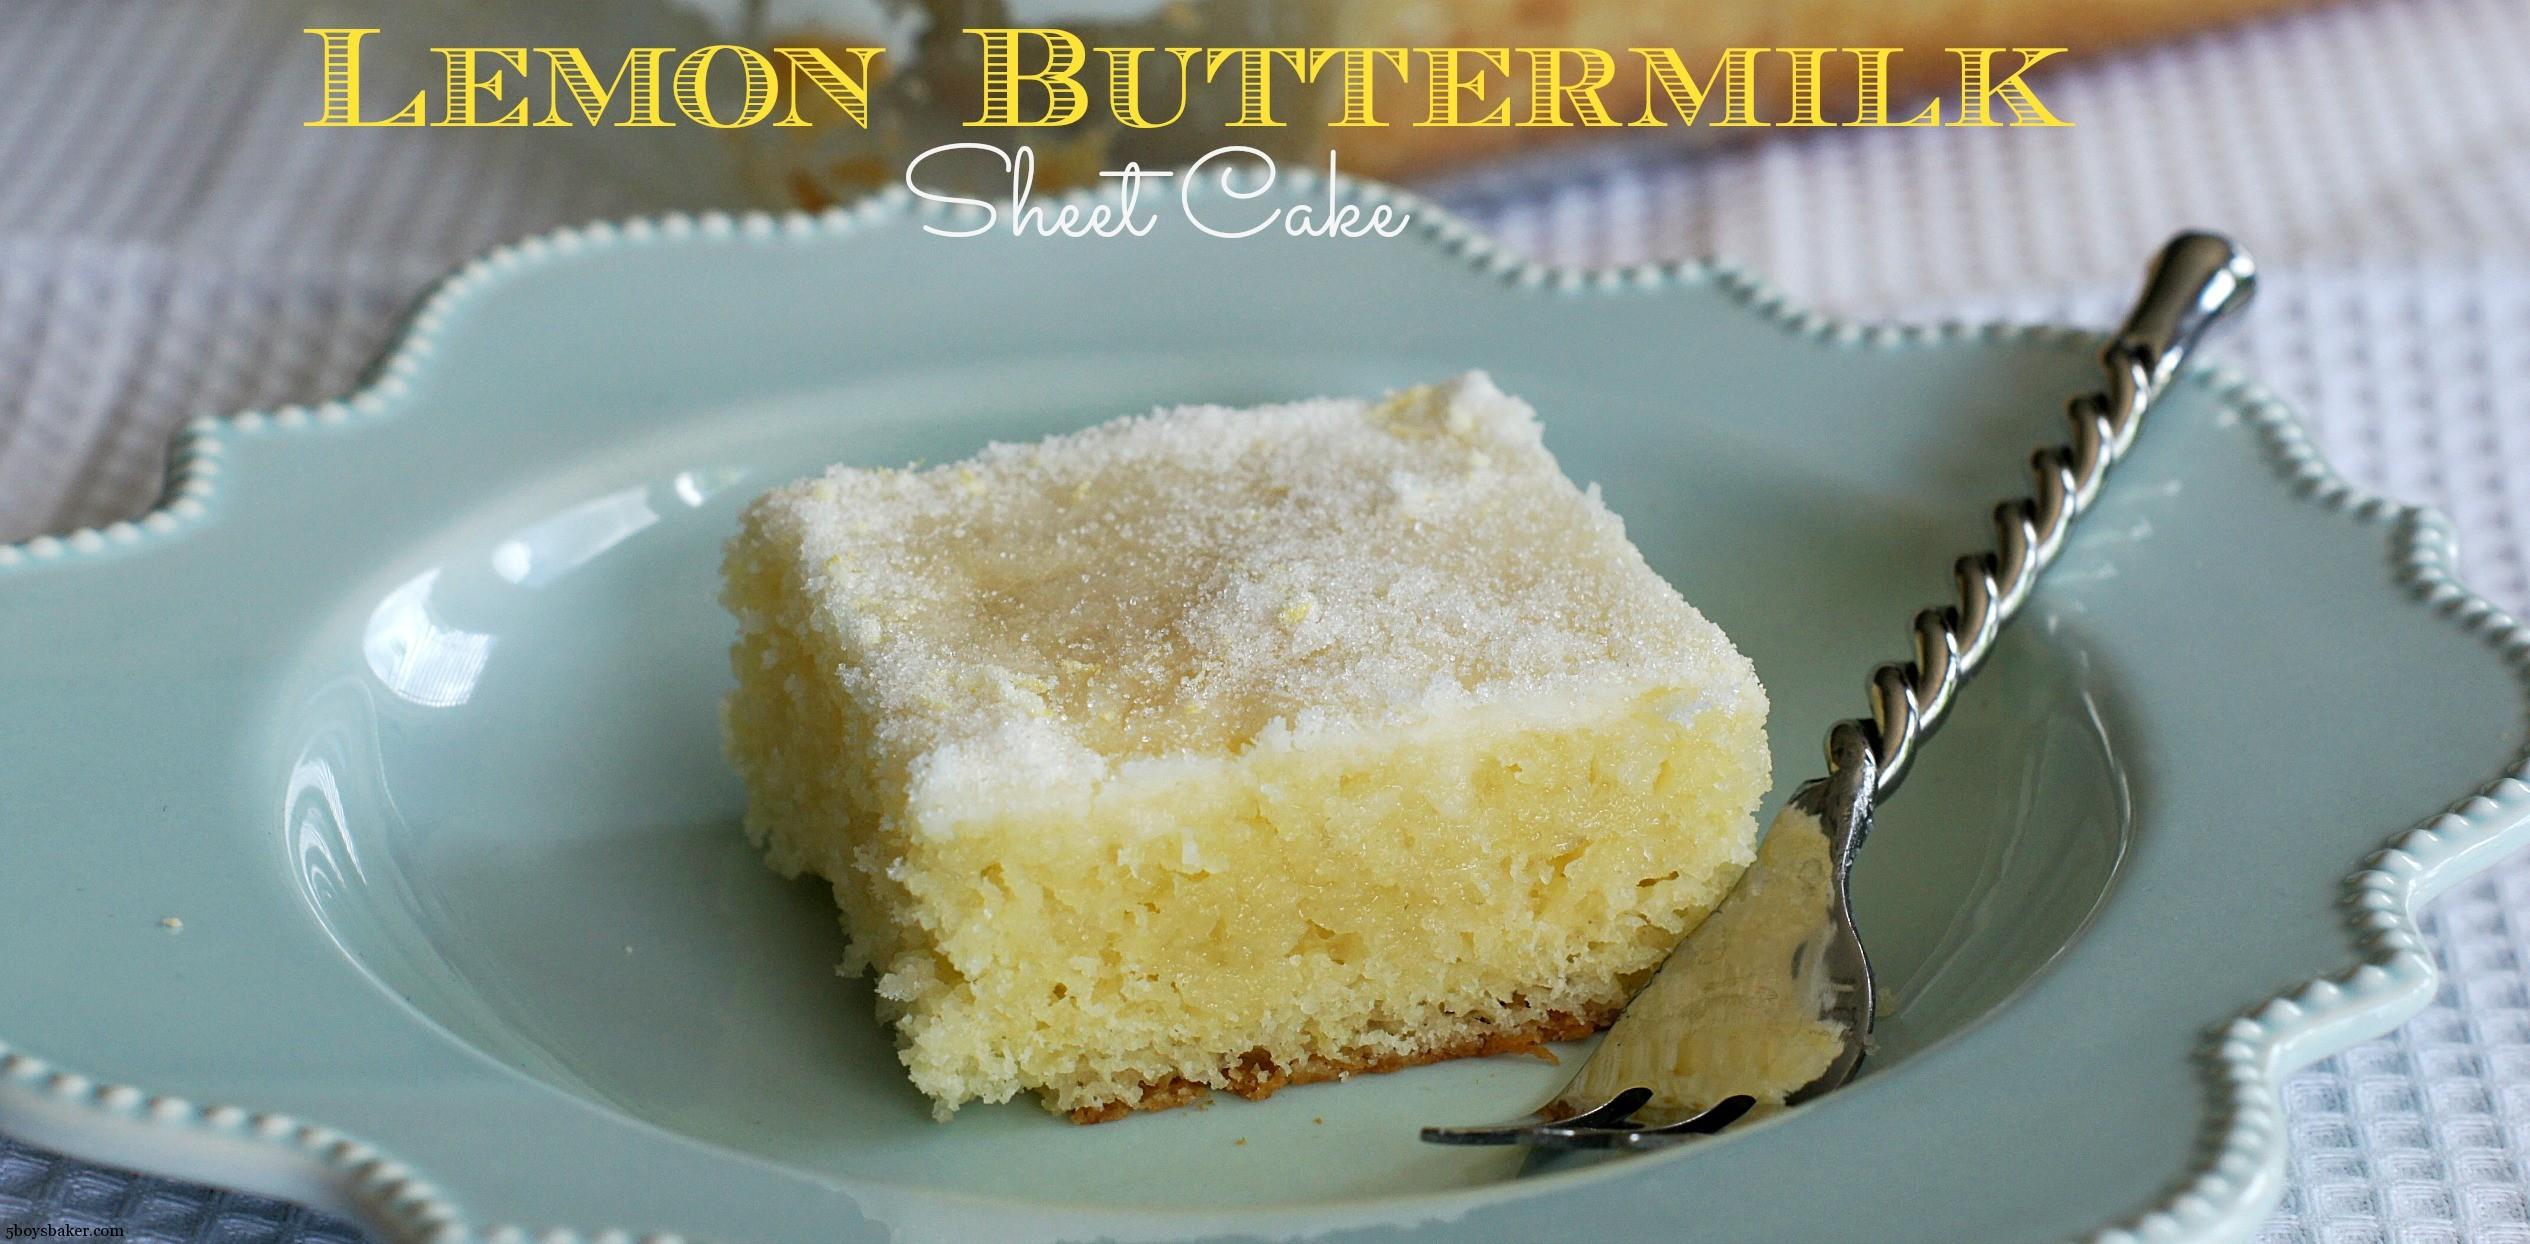 Lemon Buttermilk Sheet Cake - 5 Boys Baker